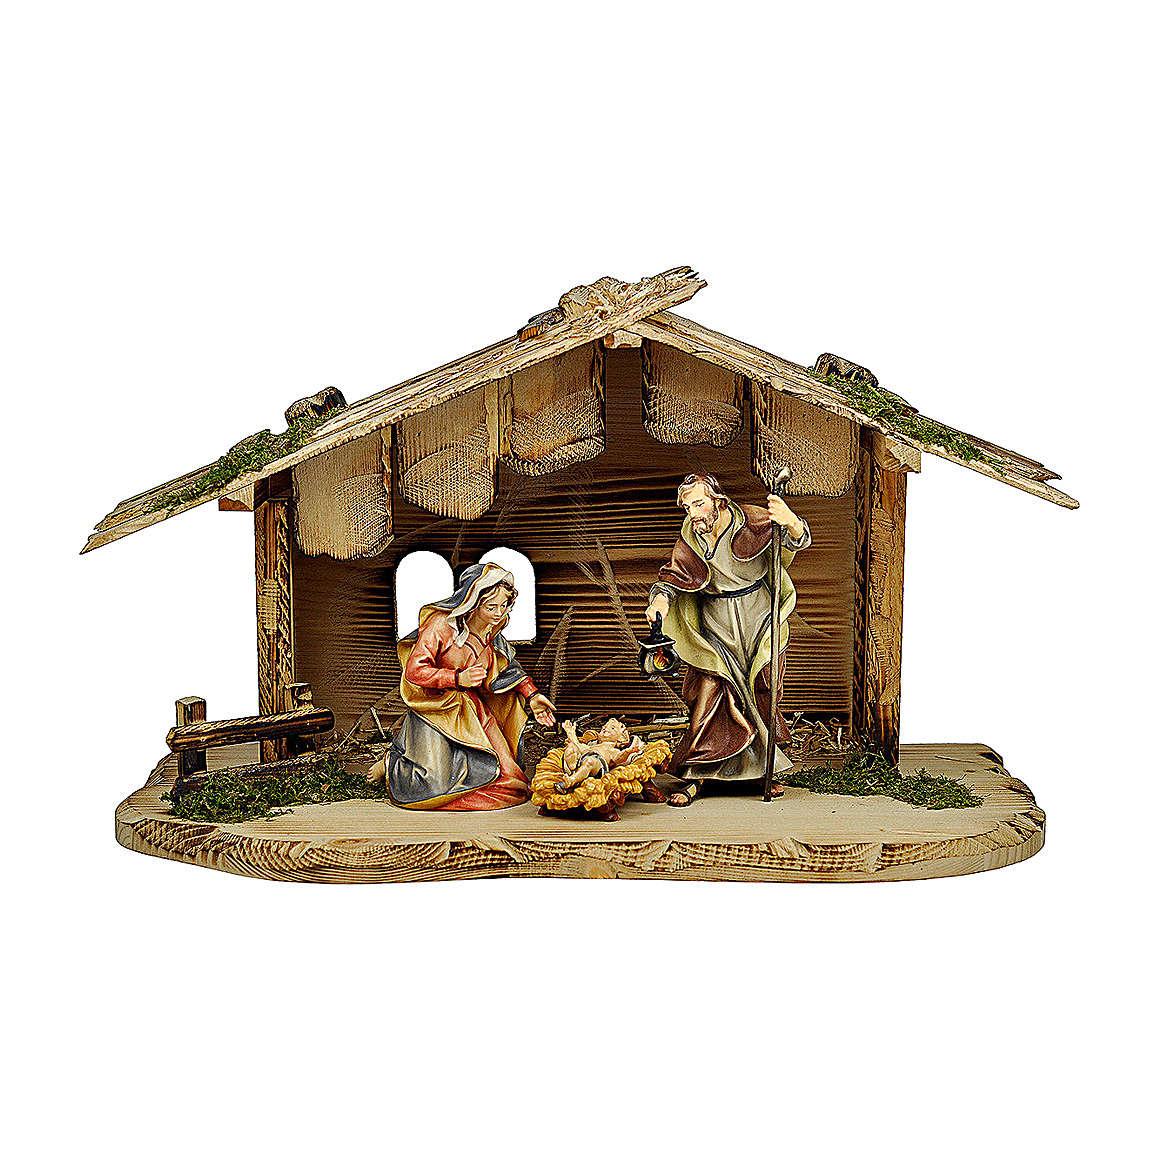 Sacra famiglia nella casa per presepe Original legno dipinto in Val Gardena 12 cm 4